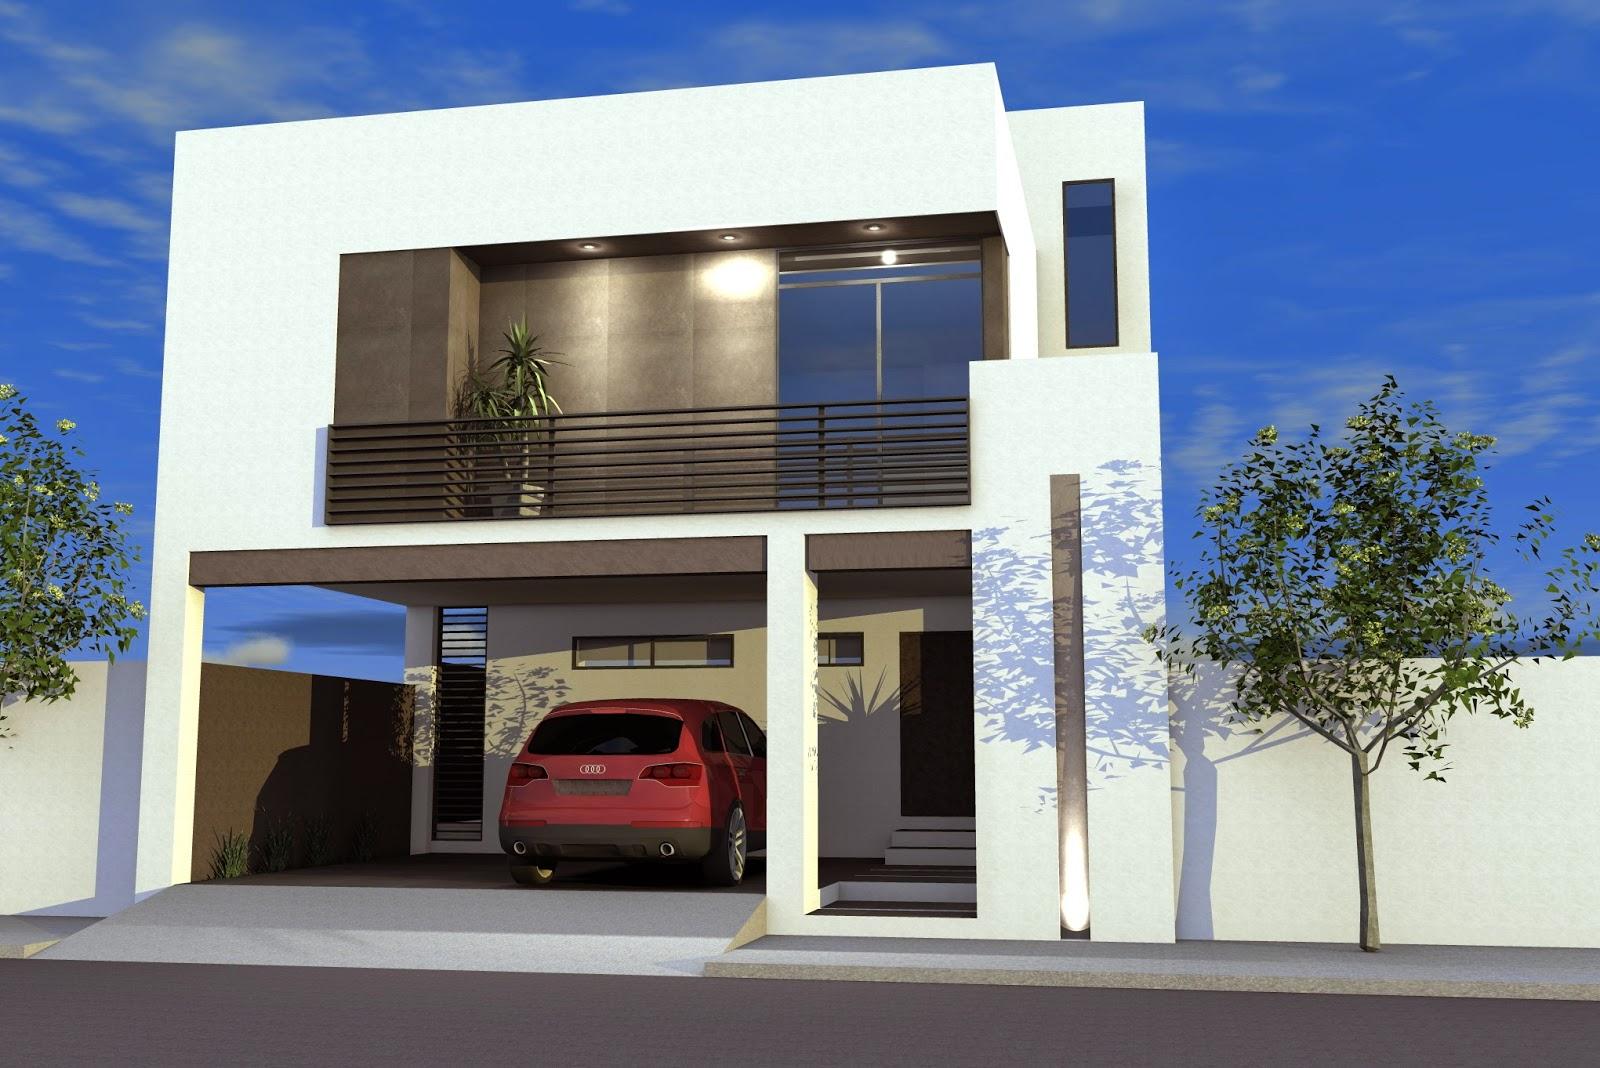 Fachada de casa moderna modelo m1